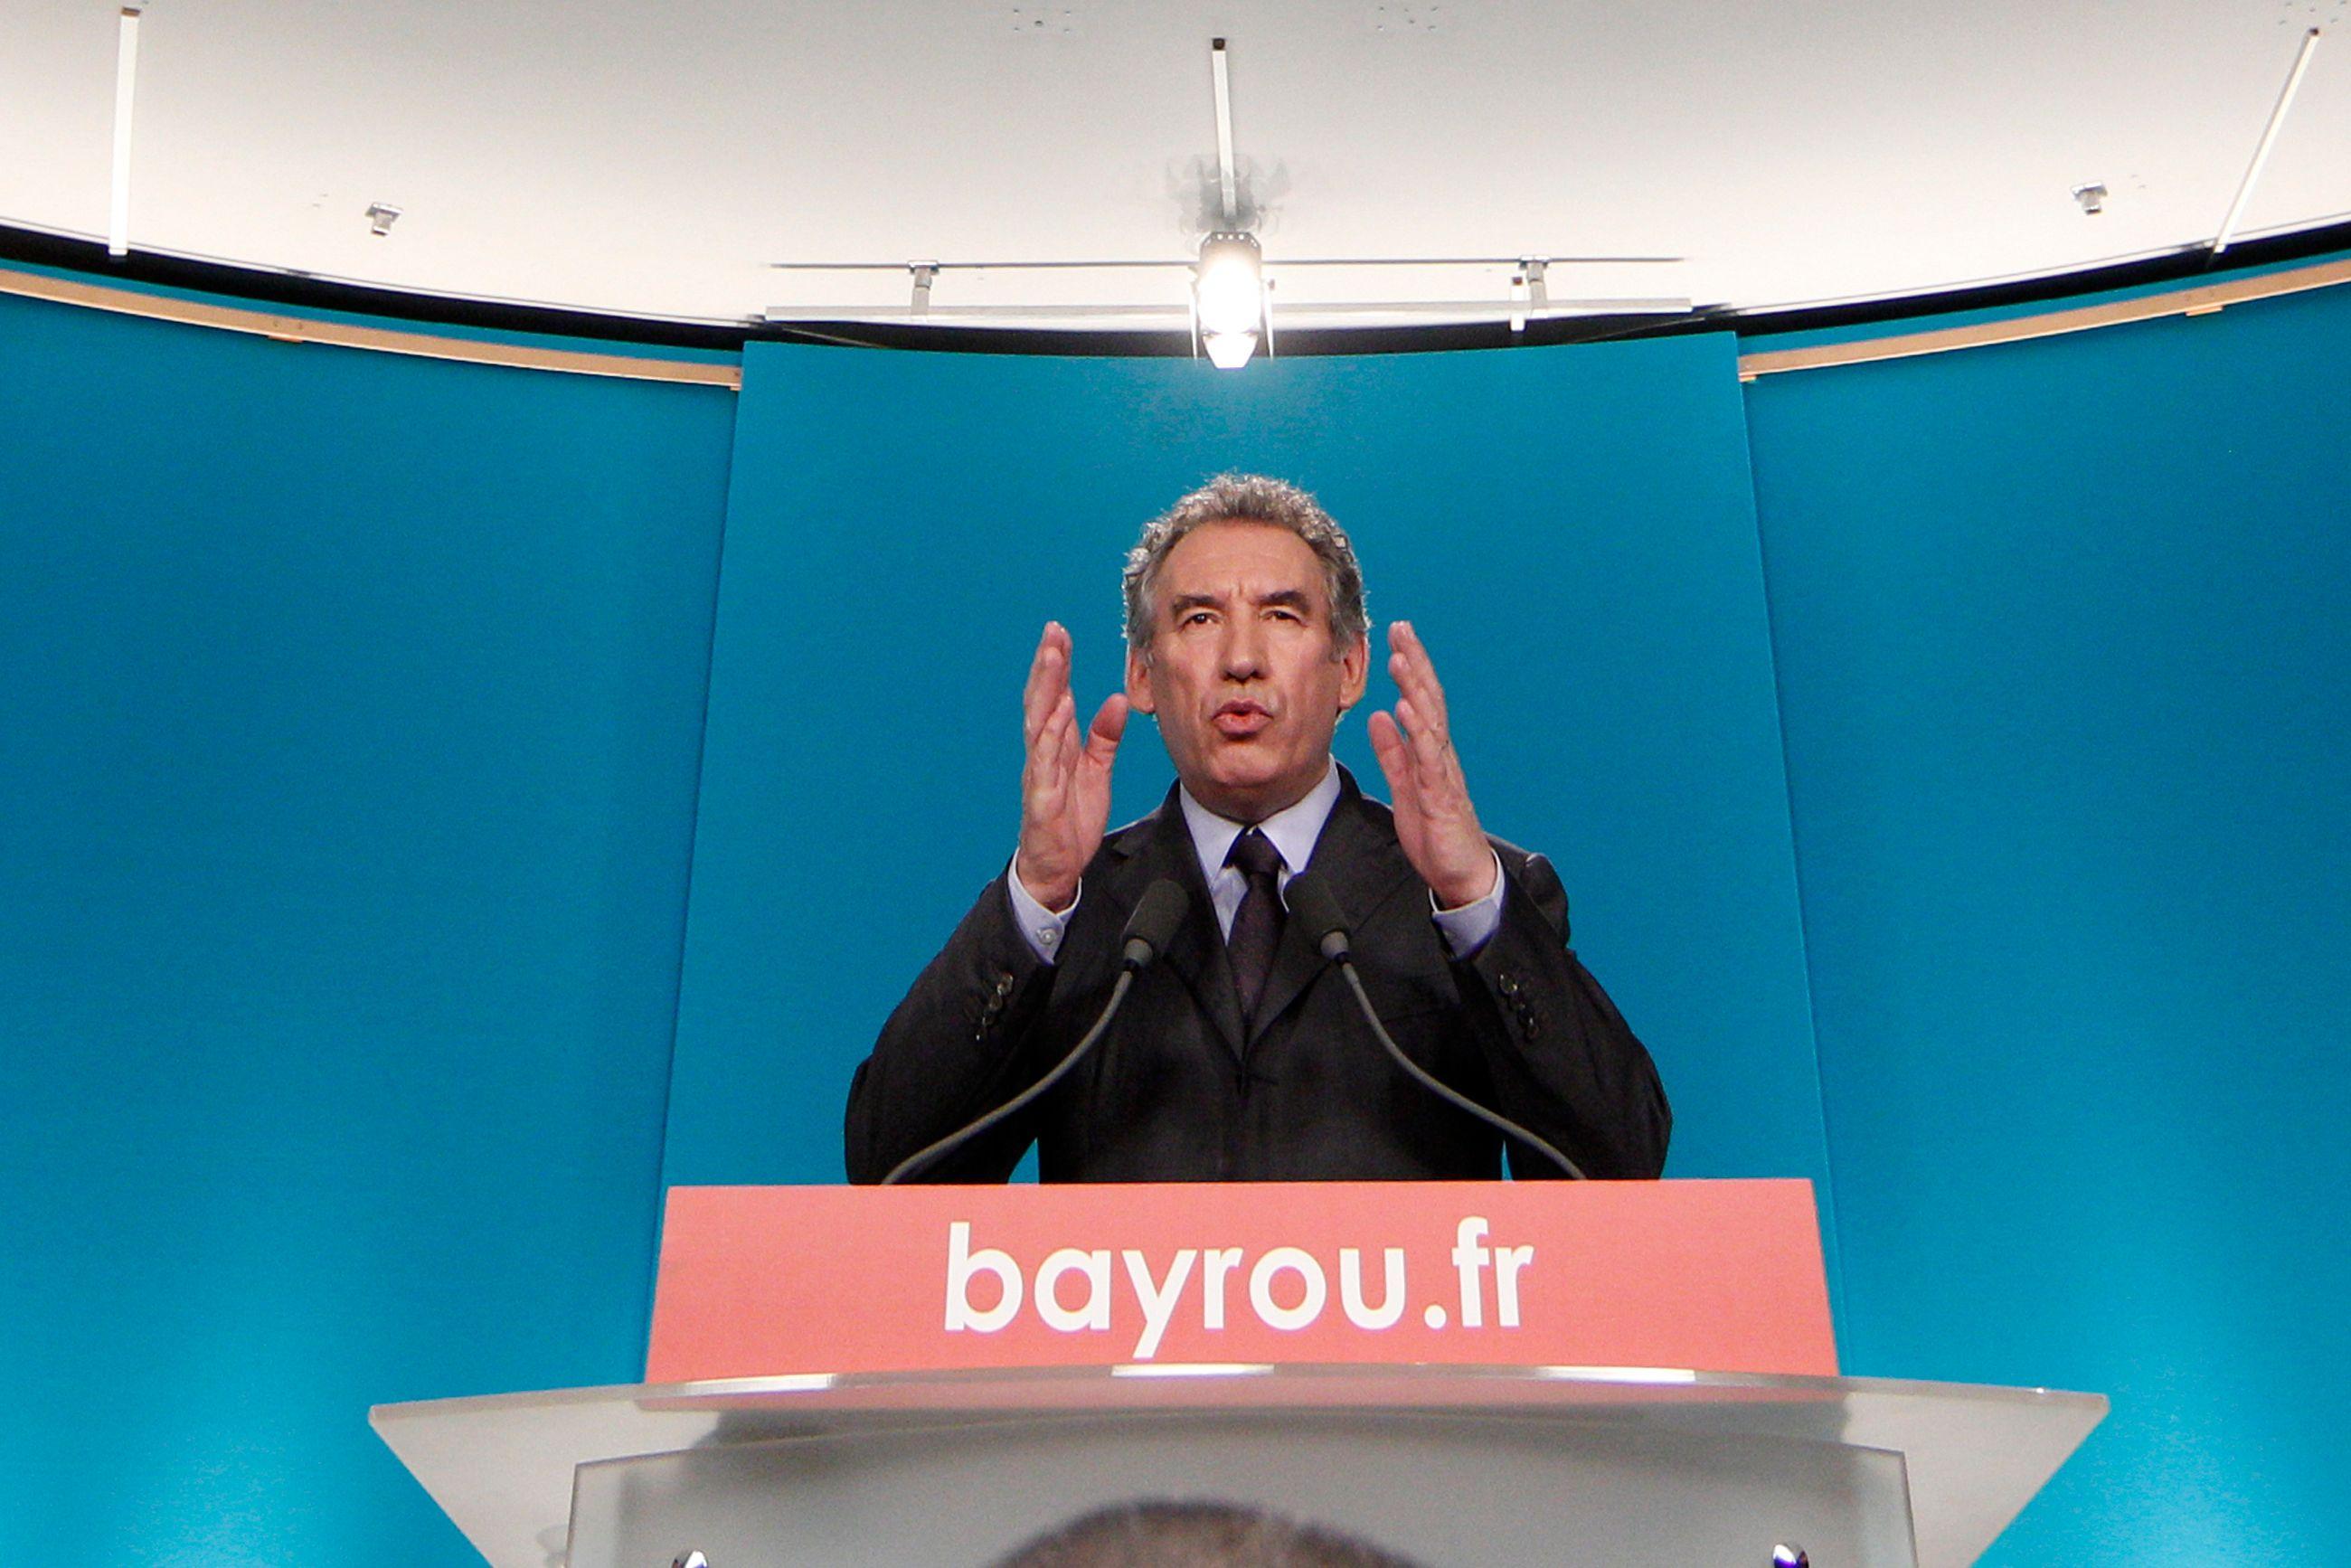 Les centristes se retrouvent dans une position délicate avec la probable victoire de François Fillon à la primaire de la droite et du centre.